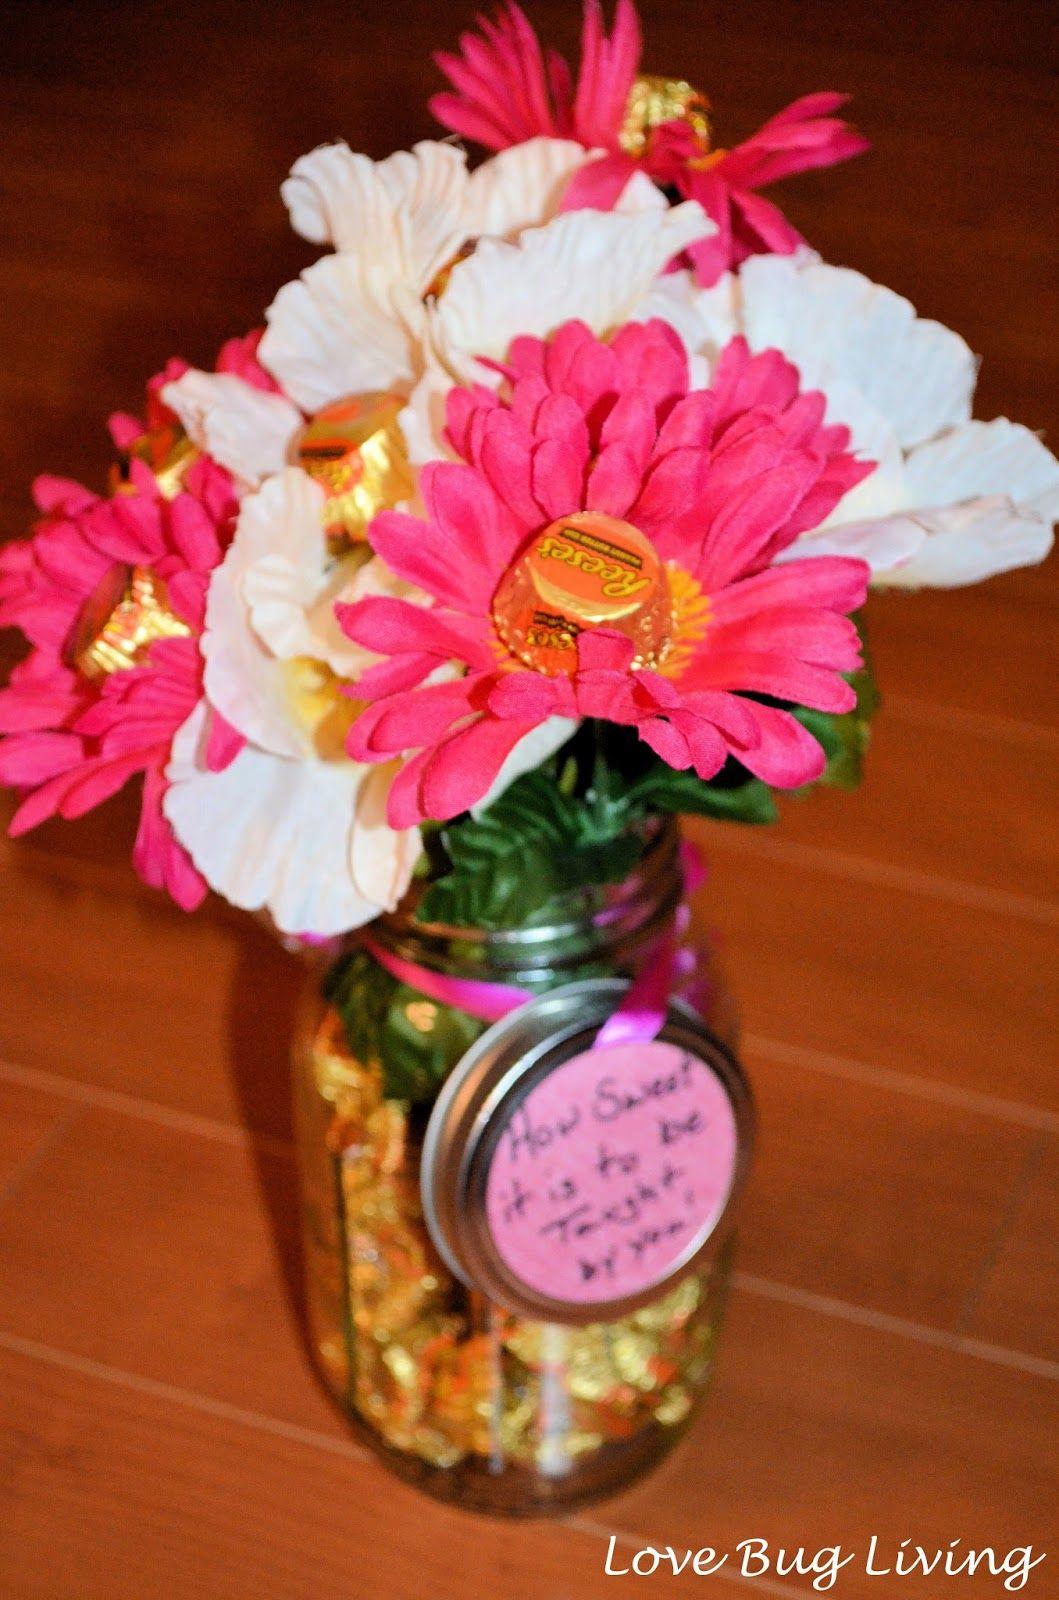 Love Bug Living Candy Flower Bouquet Mason Jar Gift For Teacher